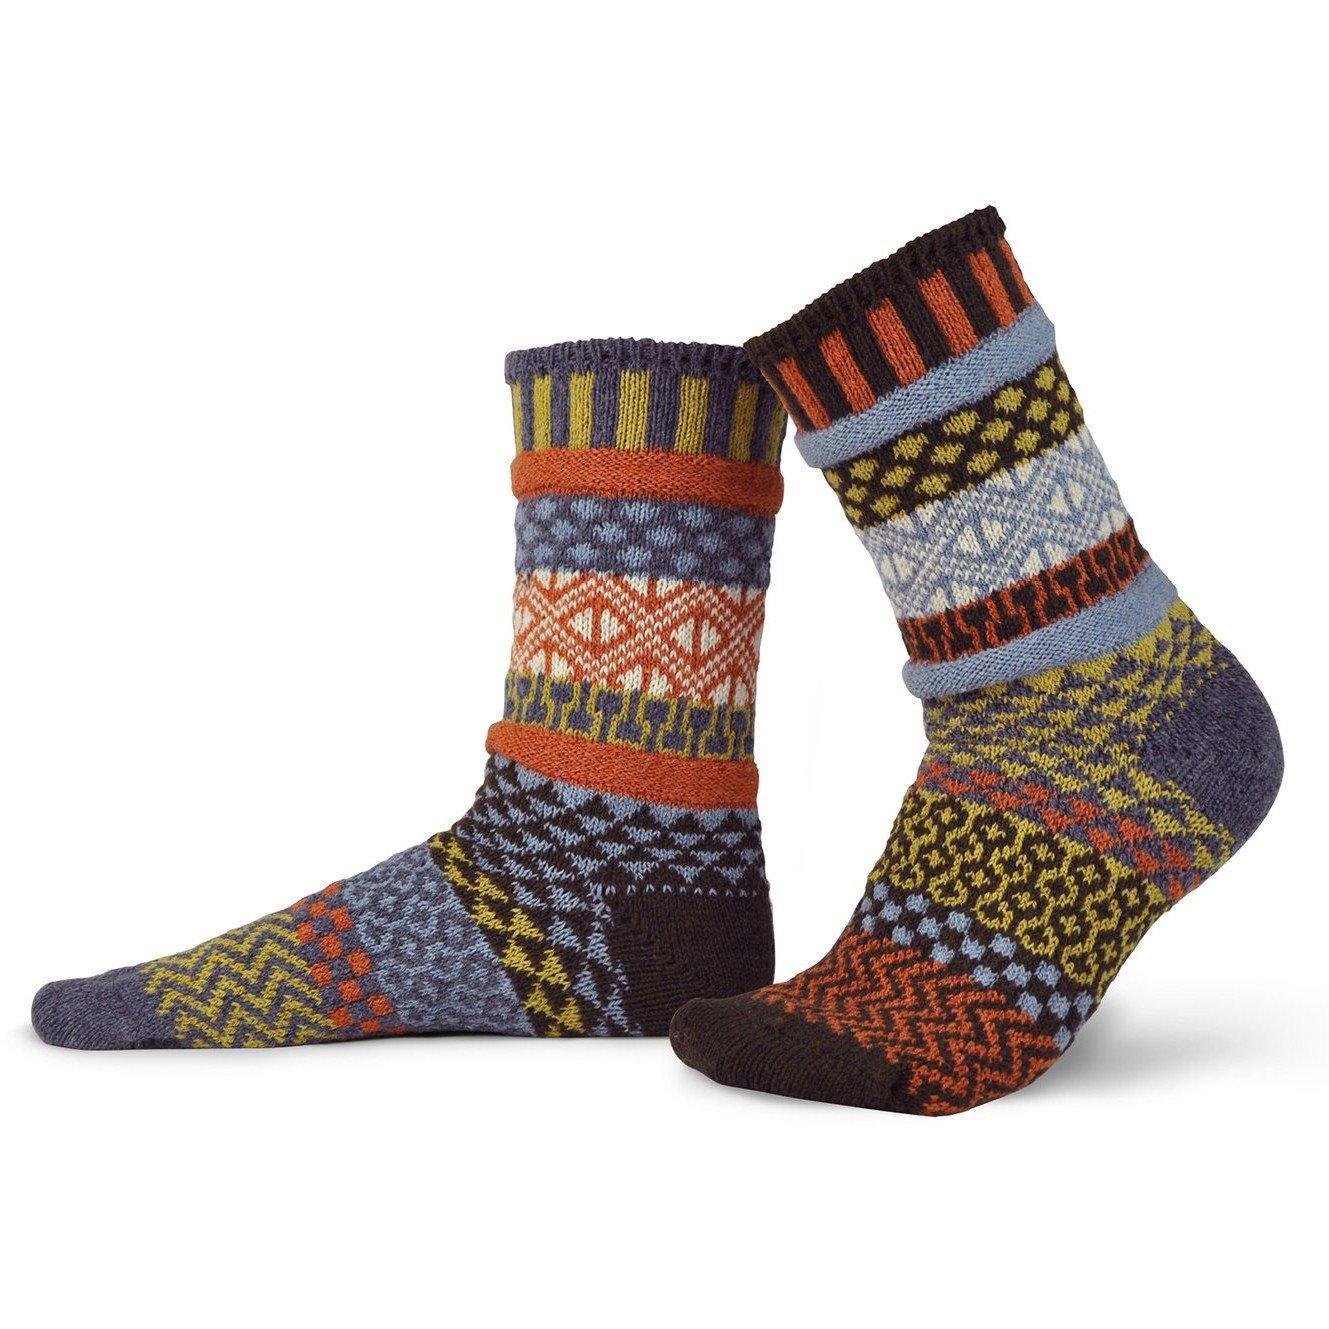 Ponderosa Wool Adult Crew Socks